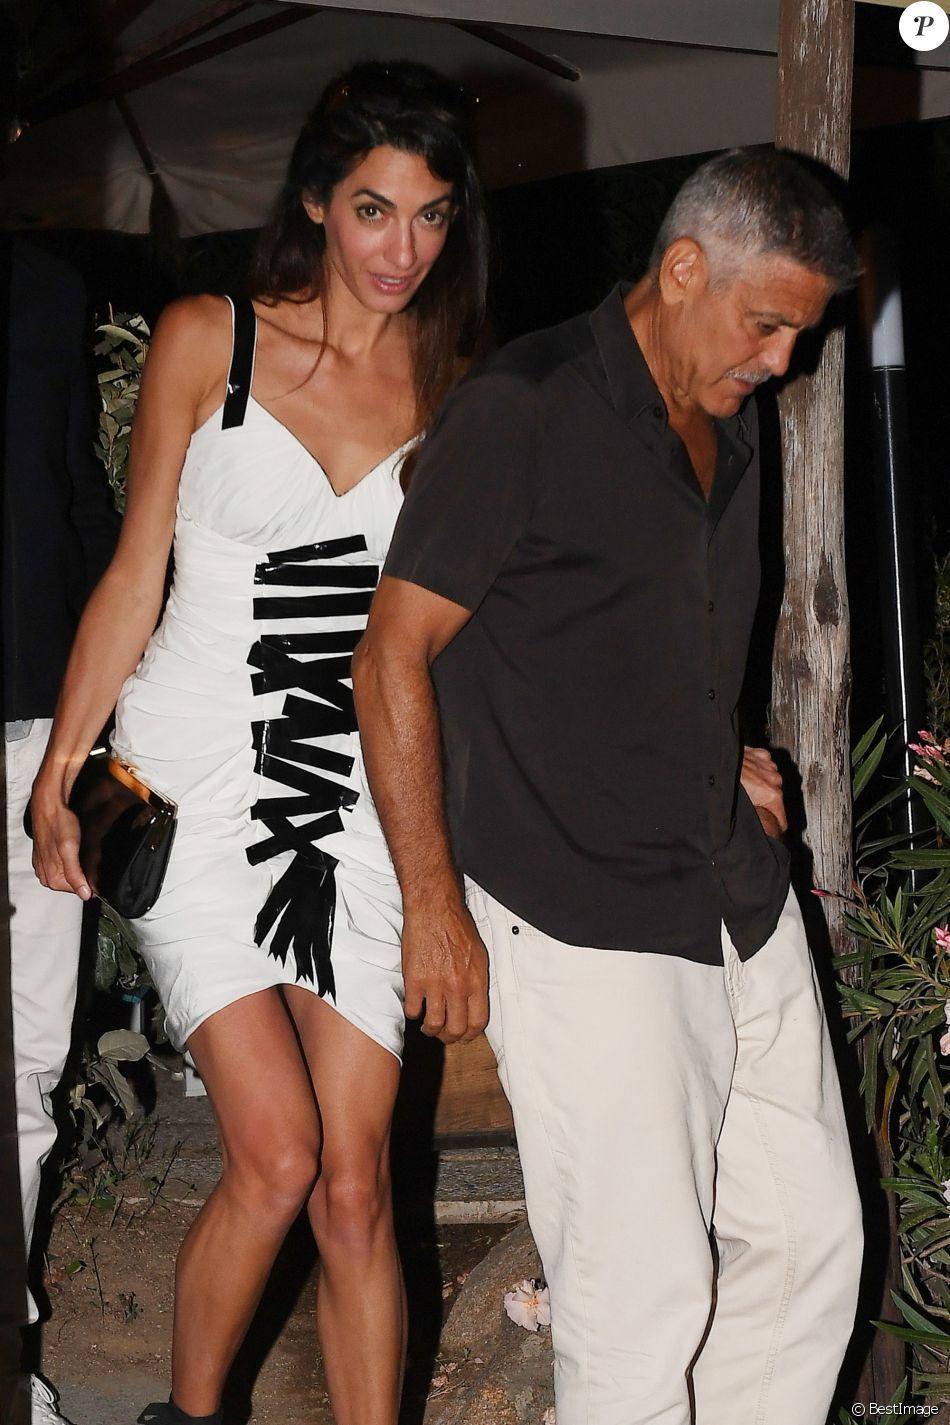 Exclusif - Amal et George Clooney sont allés diner en amoureux au restaurant La Tavernetta à Porto San Paolo en Italie, le 30 juin 2018